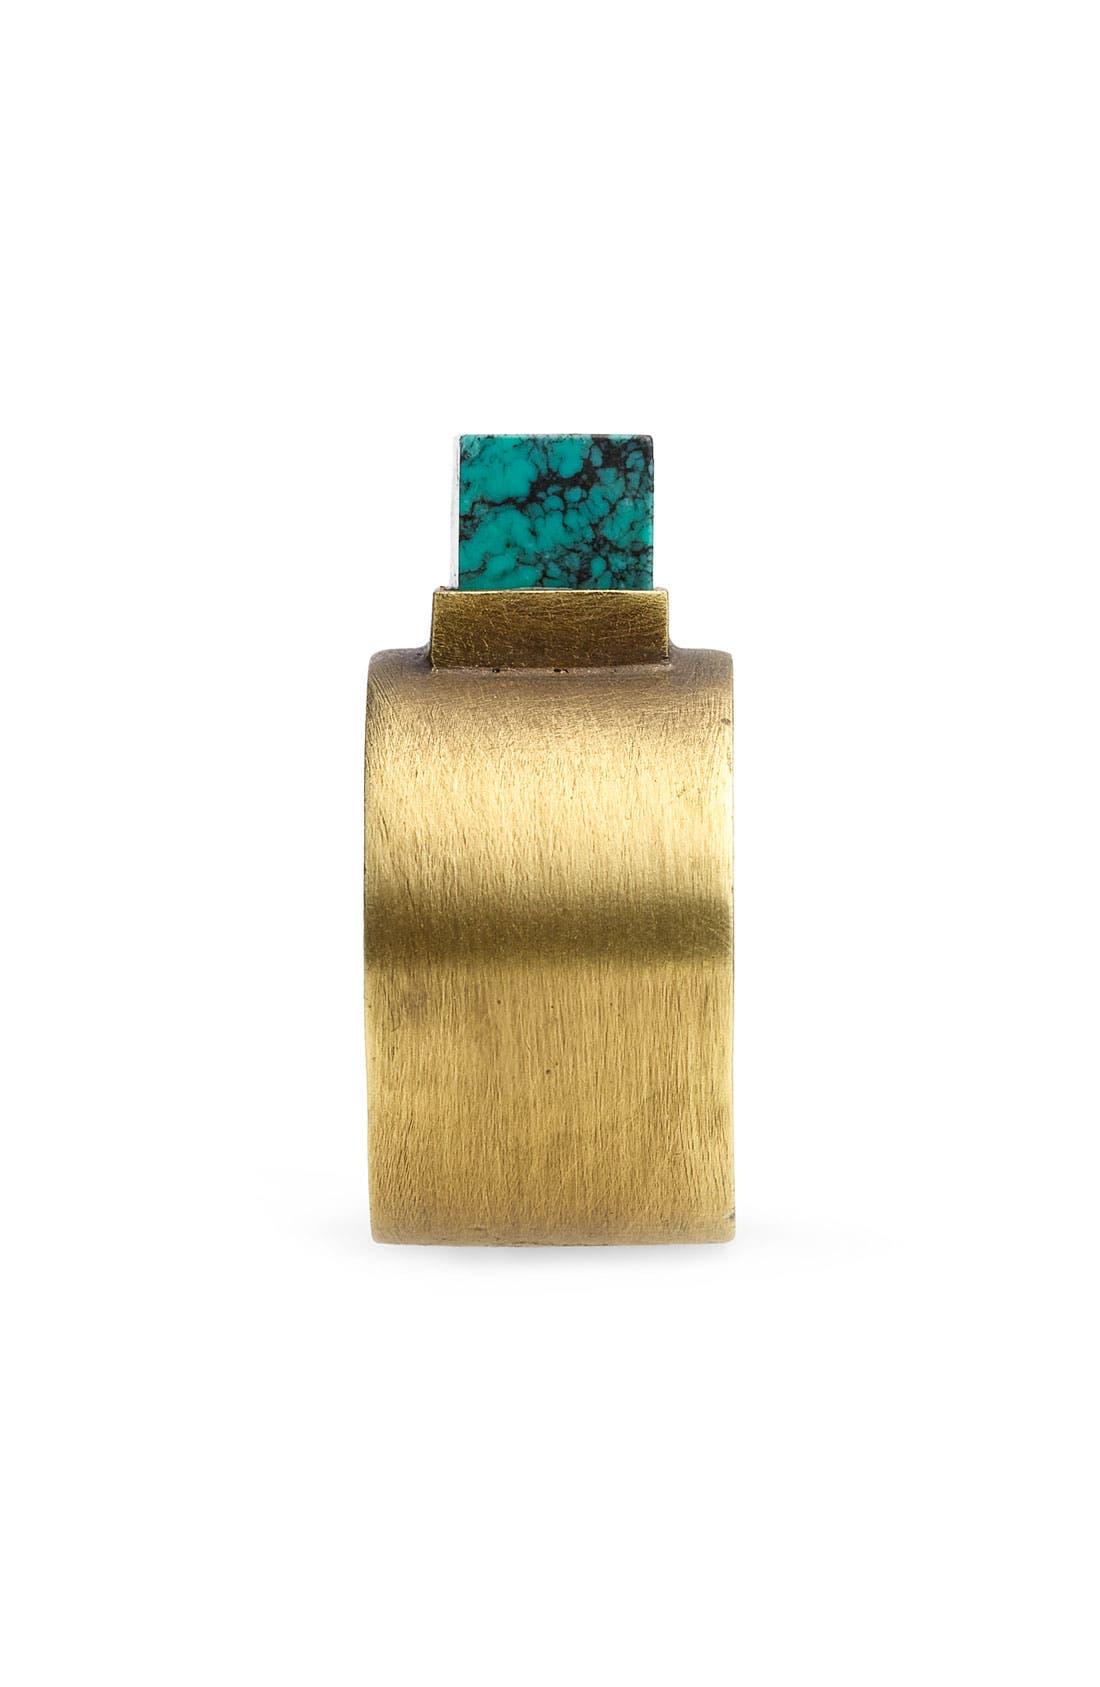 KELLY WEARSTLER,                             Turquoise Stud Ring,                             Alternate thumbnail 2, color,                             220